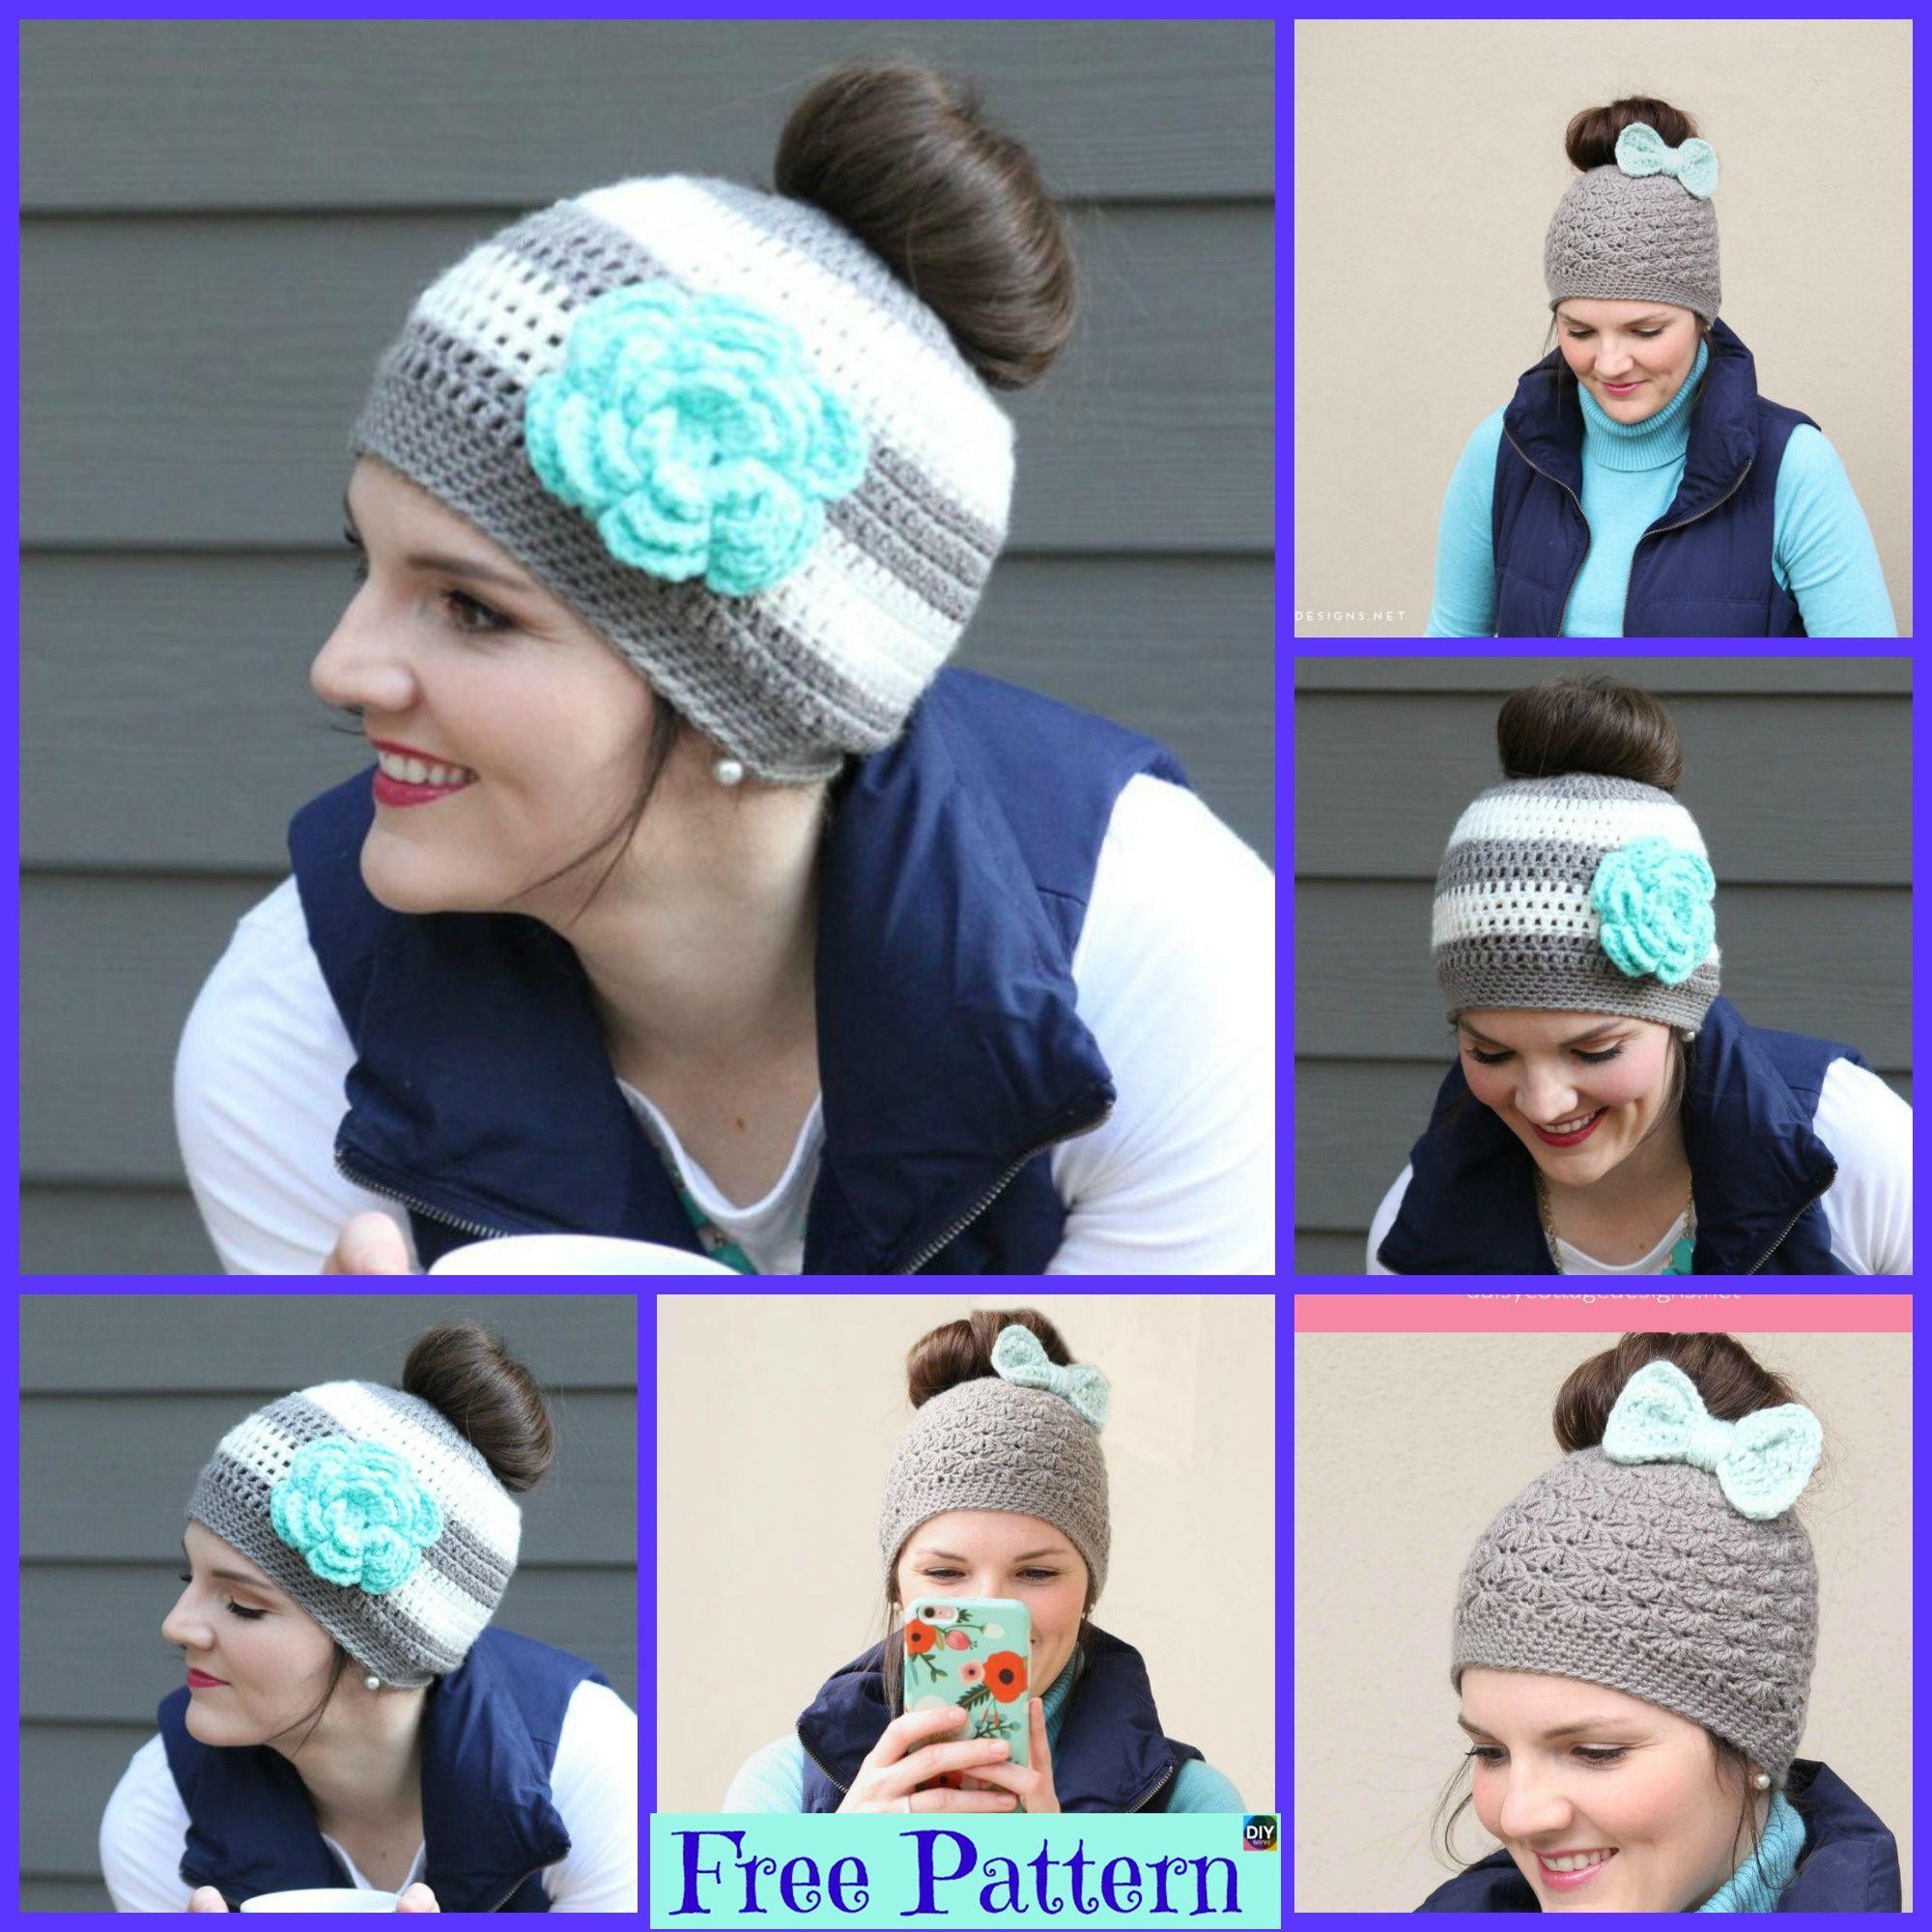 8 Crochet Messy Bun Hat Free Patterns #messybunhat 8 Crochet Messy Bun Hat Free Patterns #freecrochetpatterns #hat #bunhat #accessories #messybunhat